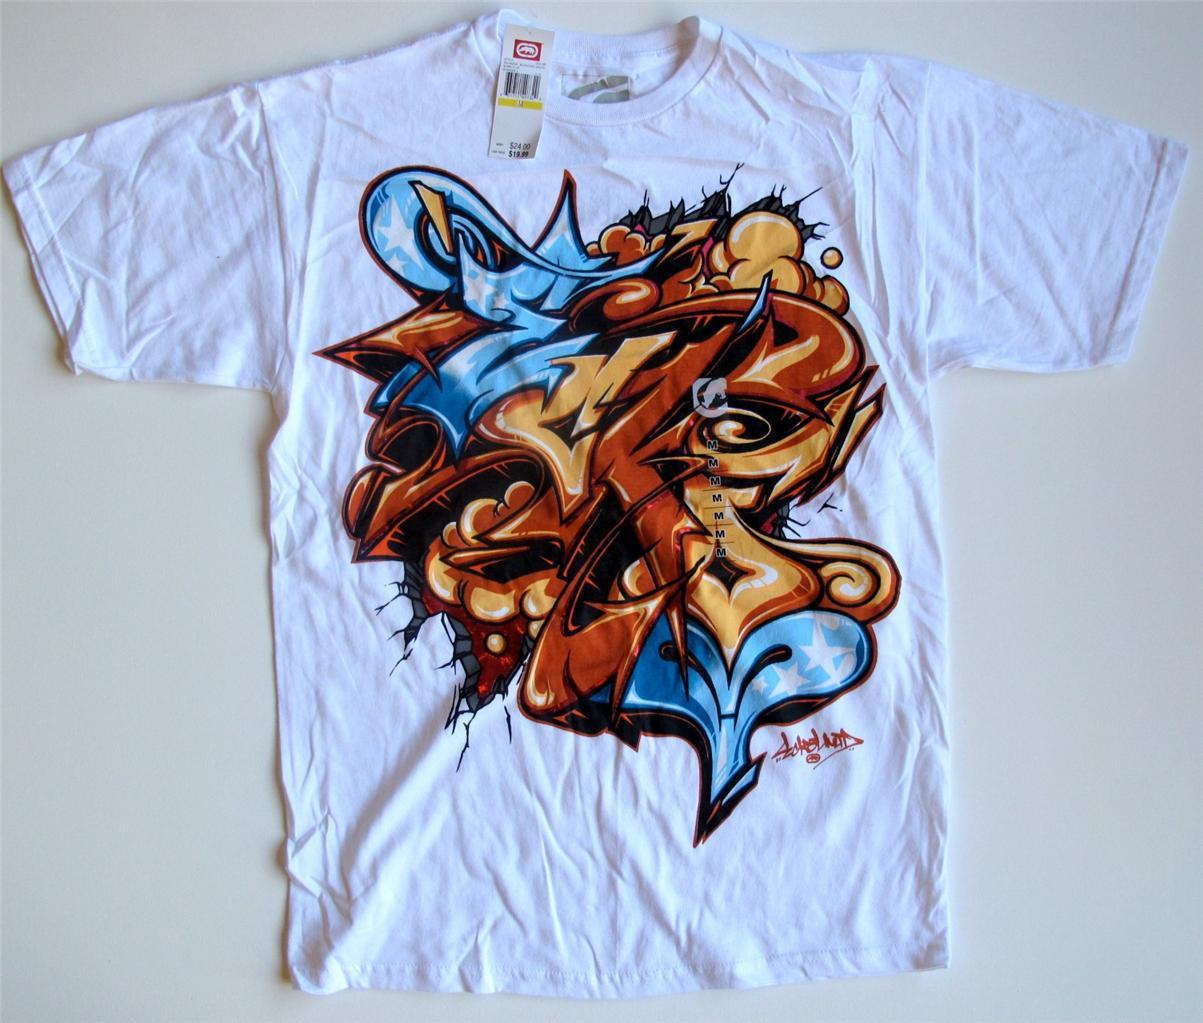 Ecko unltd white graffiti t shirt sizes s l xl 2xl 3xl msrp 24 00